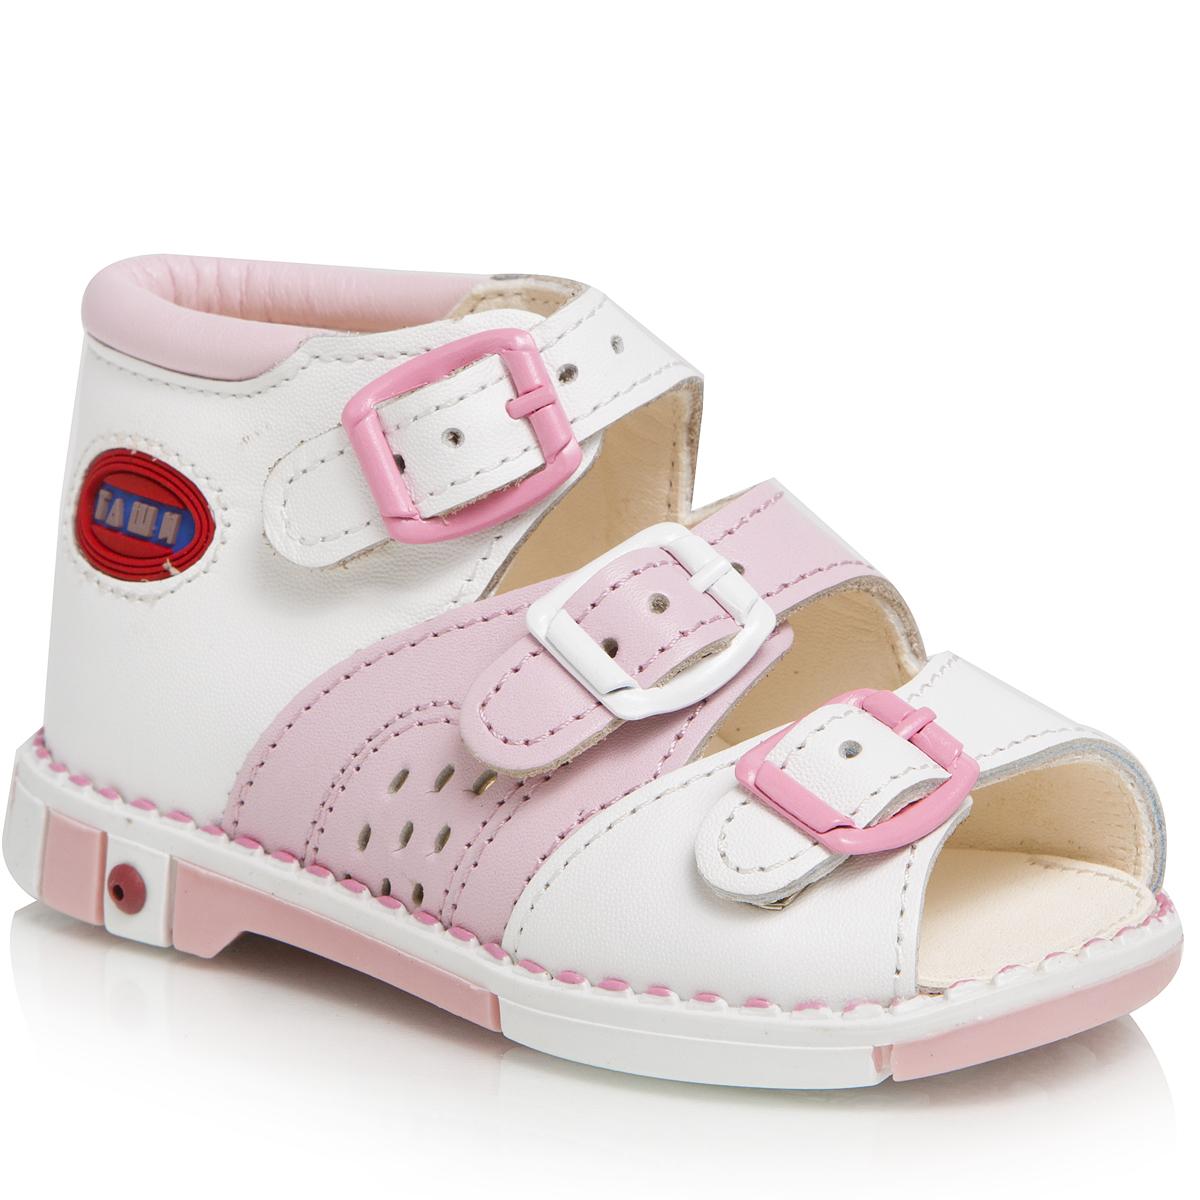 Сандалии для девочек. 231-131231-131ТАШИ ОРТО - детская профилактическая ортопедическая обувь массового производства. Ее можно носить не только детям с признаками плоскостопия и косолапия , но и для профилактики подобных отклонений. А многим детям ортопедическая обувь НЕОБХОДИМА для коррекции стопы, исправления походки и осанки.